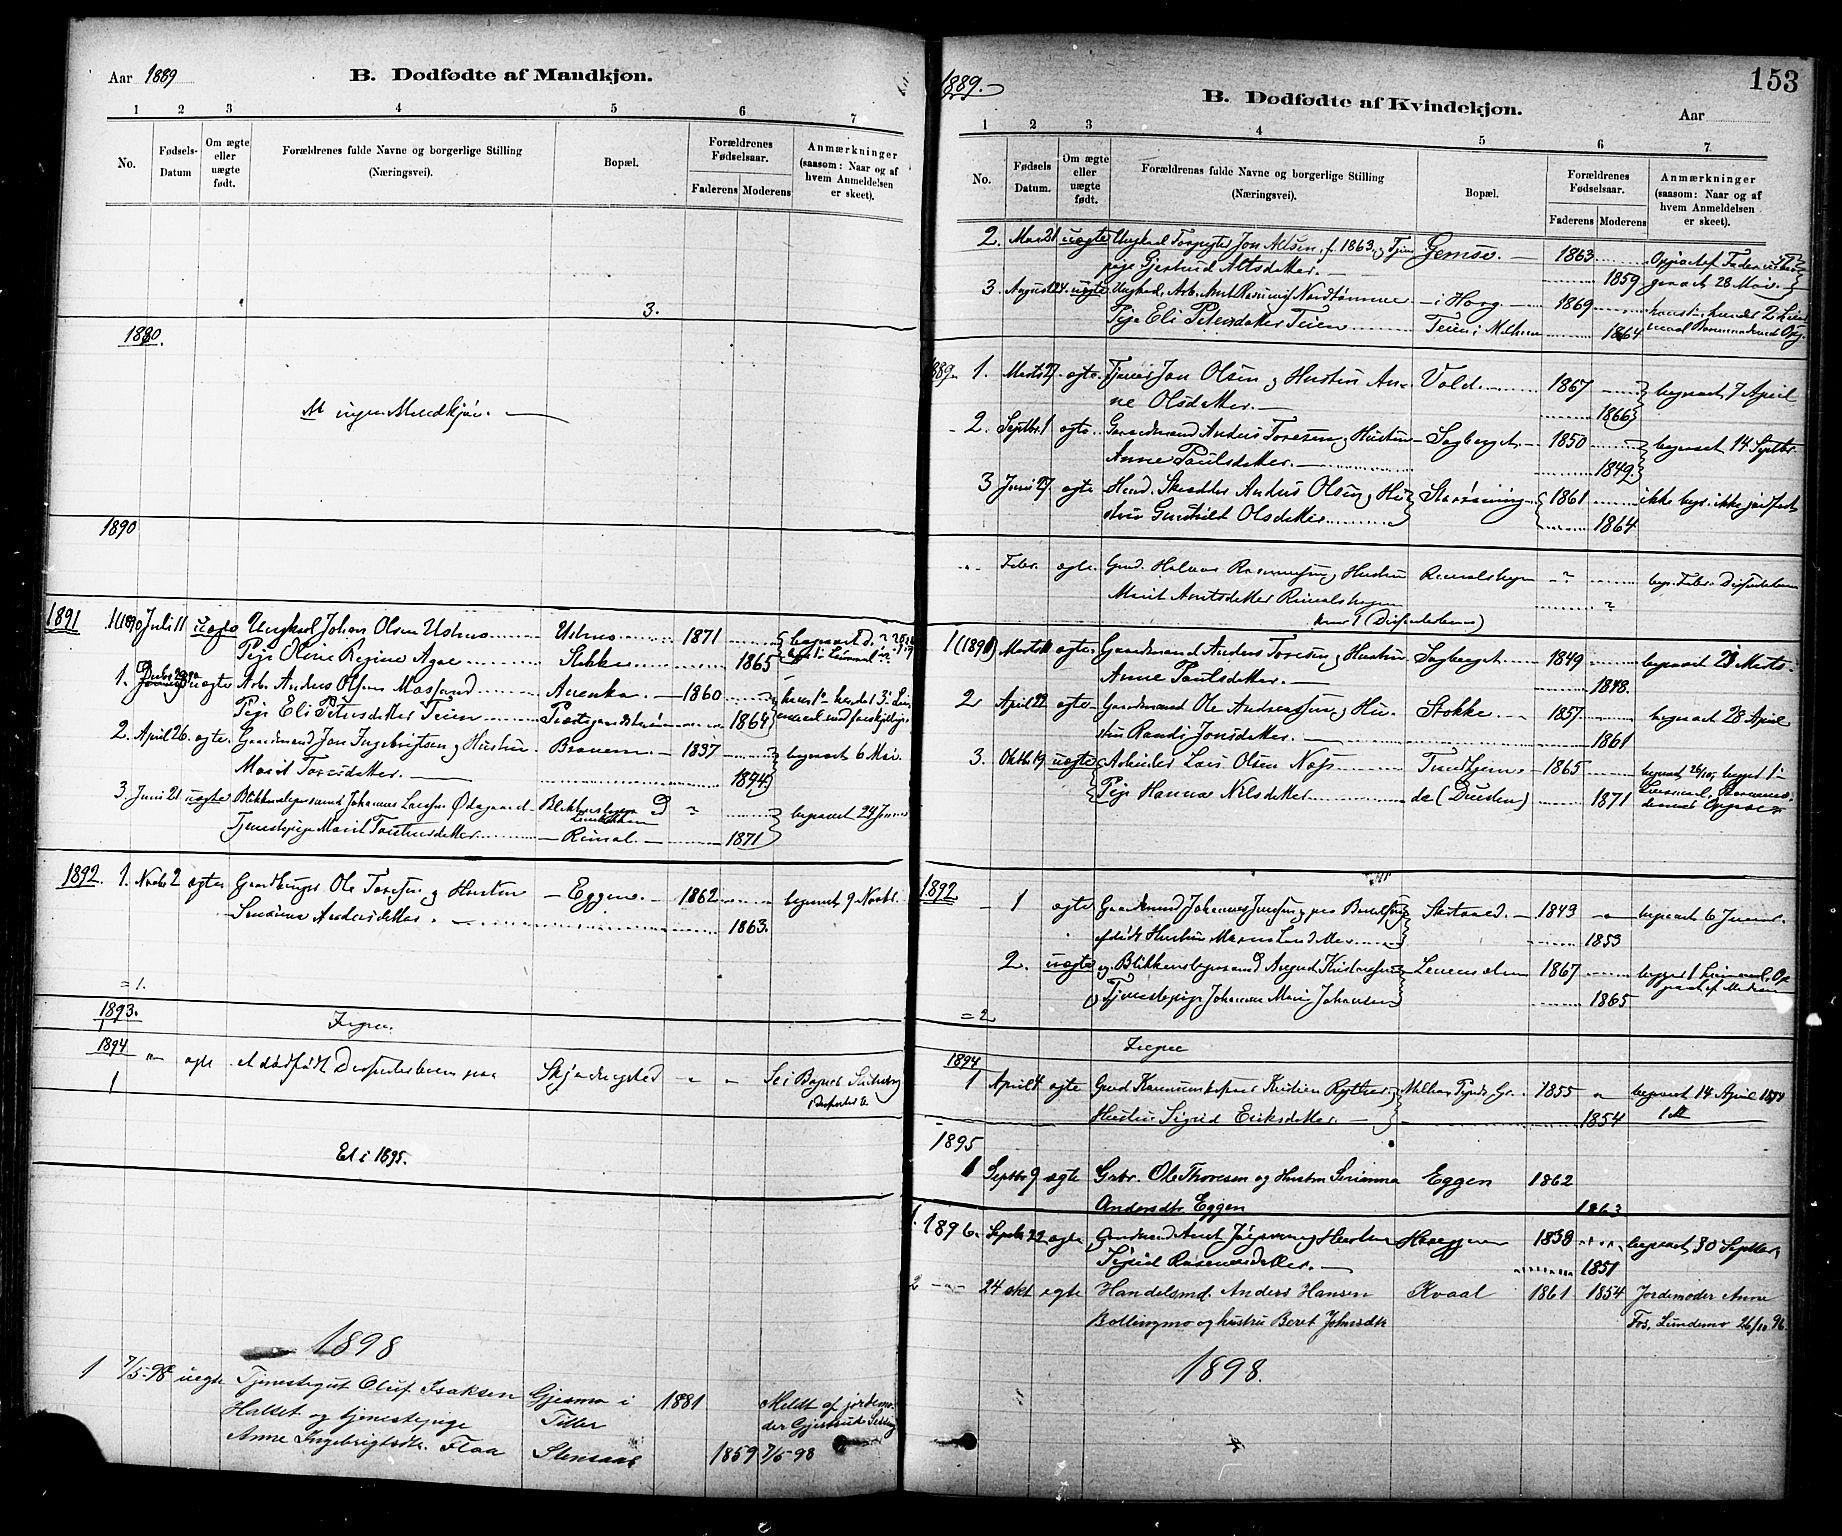 SAT, Ministerialprotokoller, klokkerbøker og fødselsregistre - Sør-Trøndelag, 691/L1094: Klokkerbok nr. 691C05, 1879-1911, s. 153